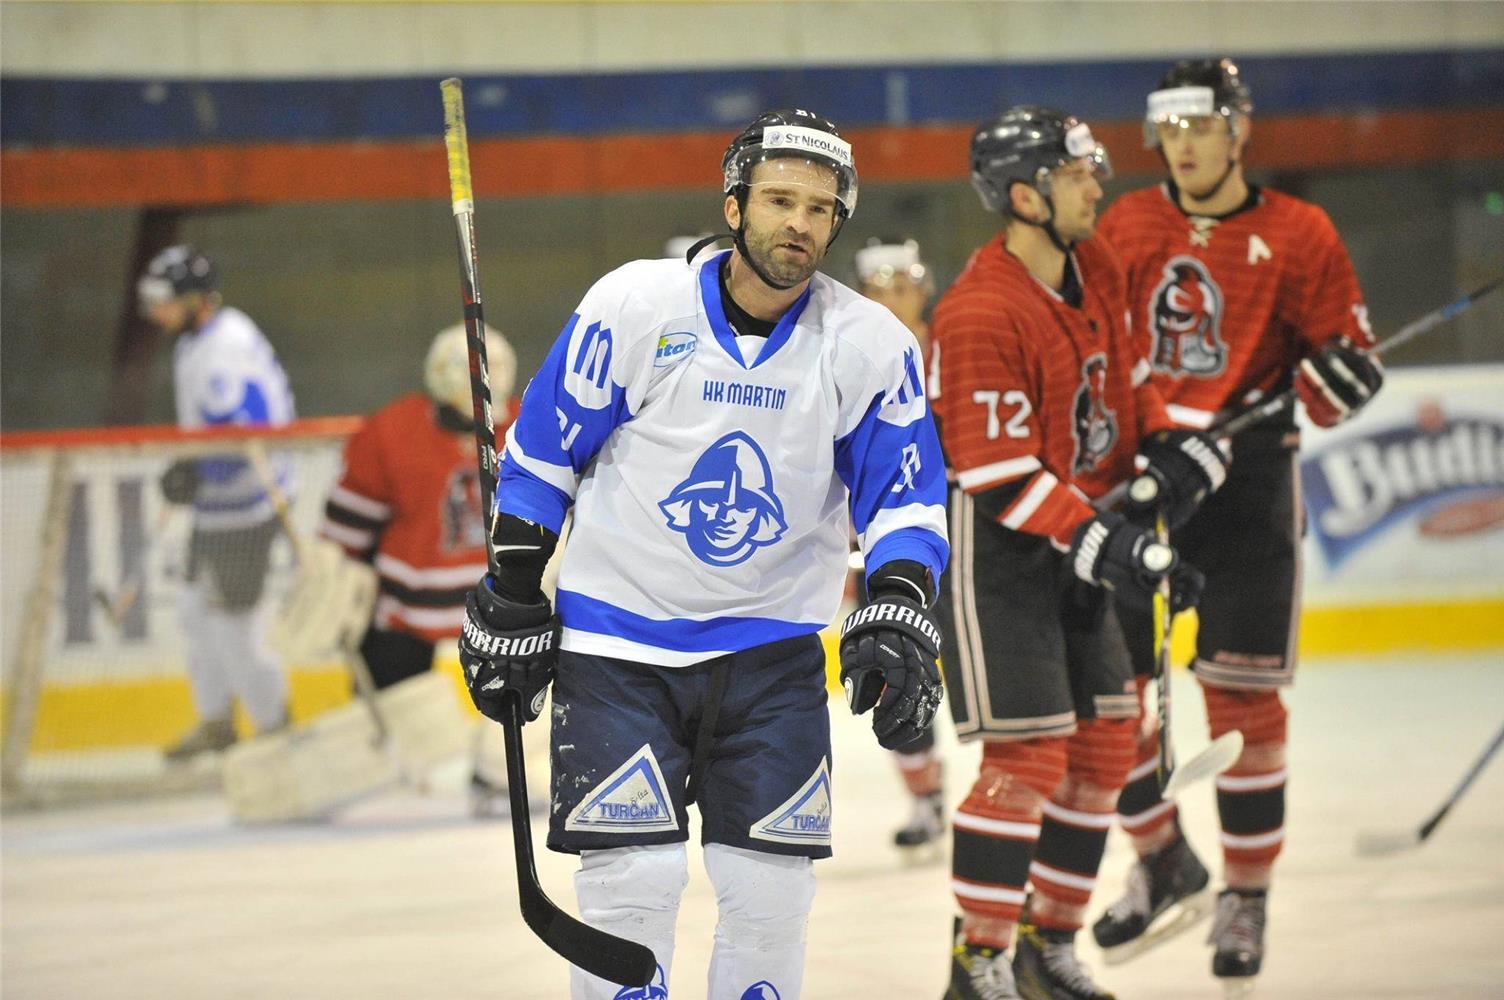 Kariéru naštartoval draftom do NHL a českou extraligou, domov sa vrátil po 6 rokoch